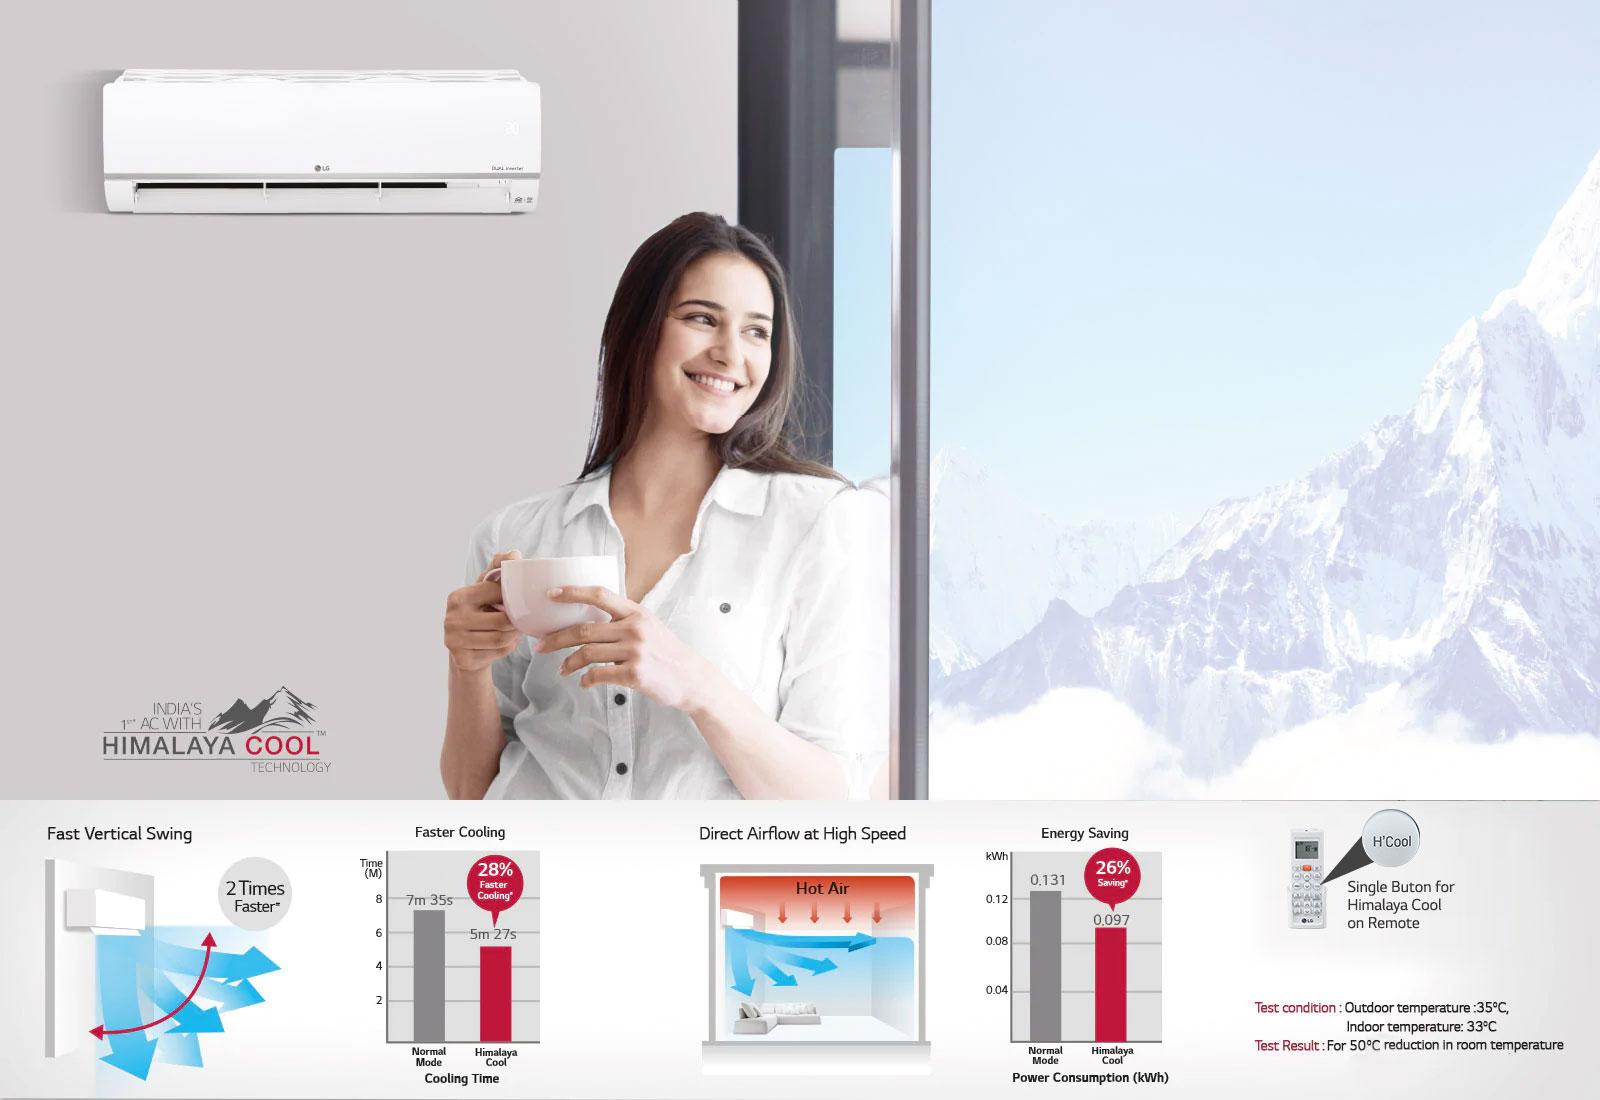 LG MS-Q18JNXA Himalaya Cool